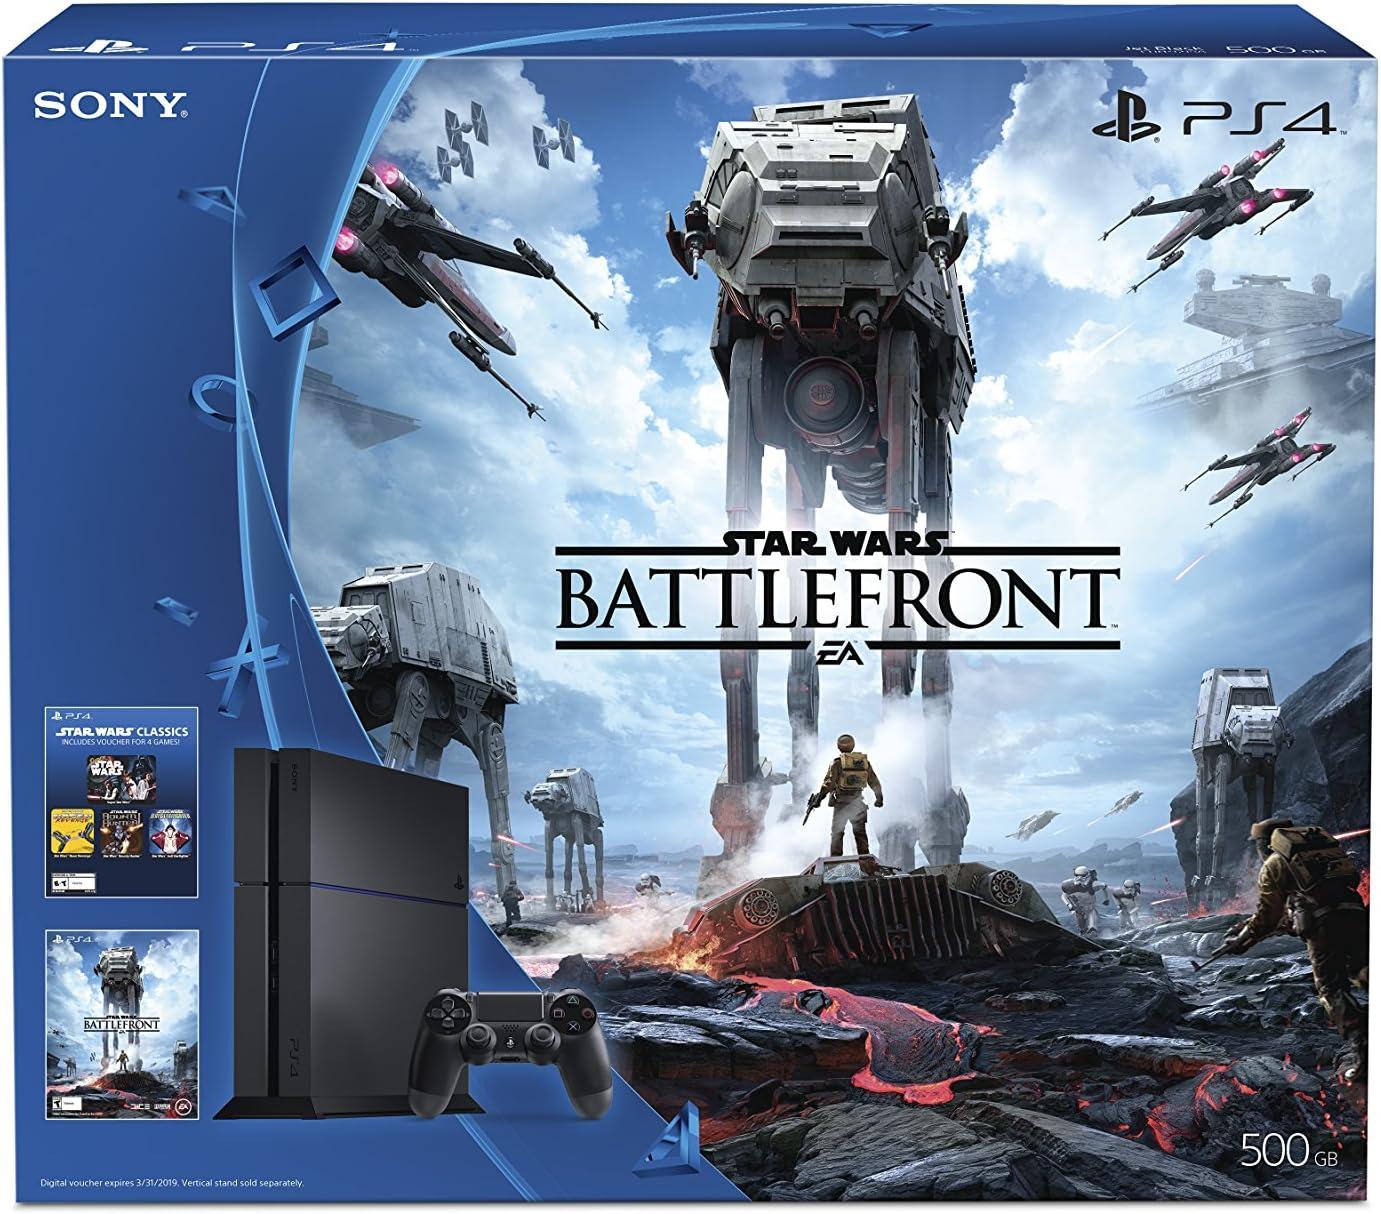 Sony PlayStation 4 STAR WARS Battlefront 500GB Bundle - videoconsolas: Amazon.es: Videojuegos